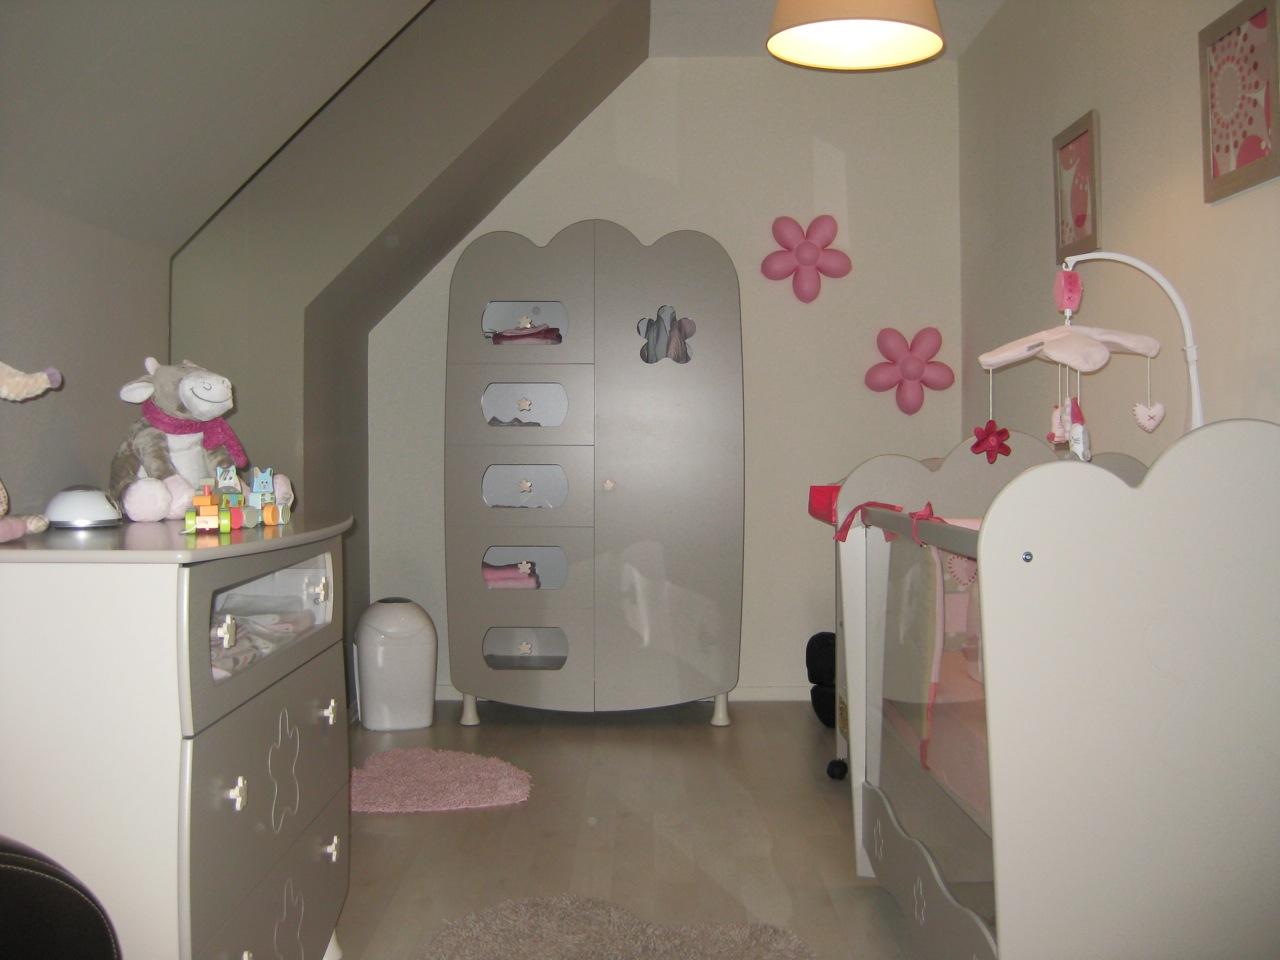 Idee Petite Salle De Bain Avec Wc : Pour une chambre de bébé pratique et esthétique